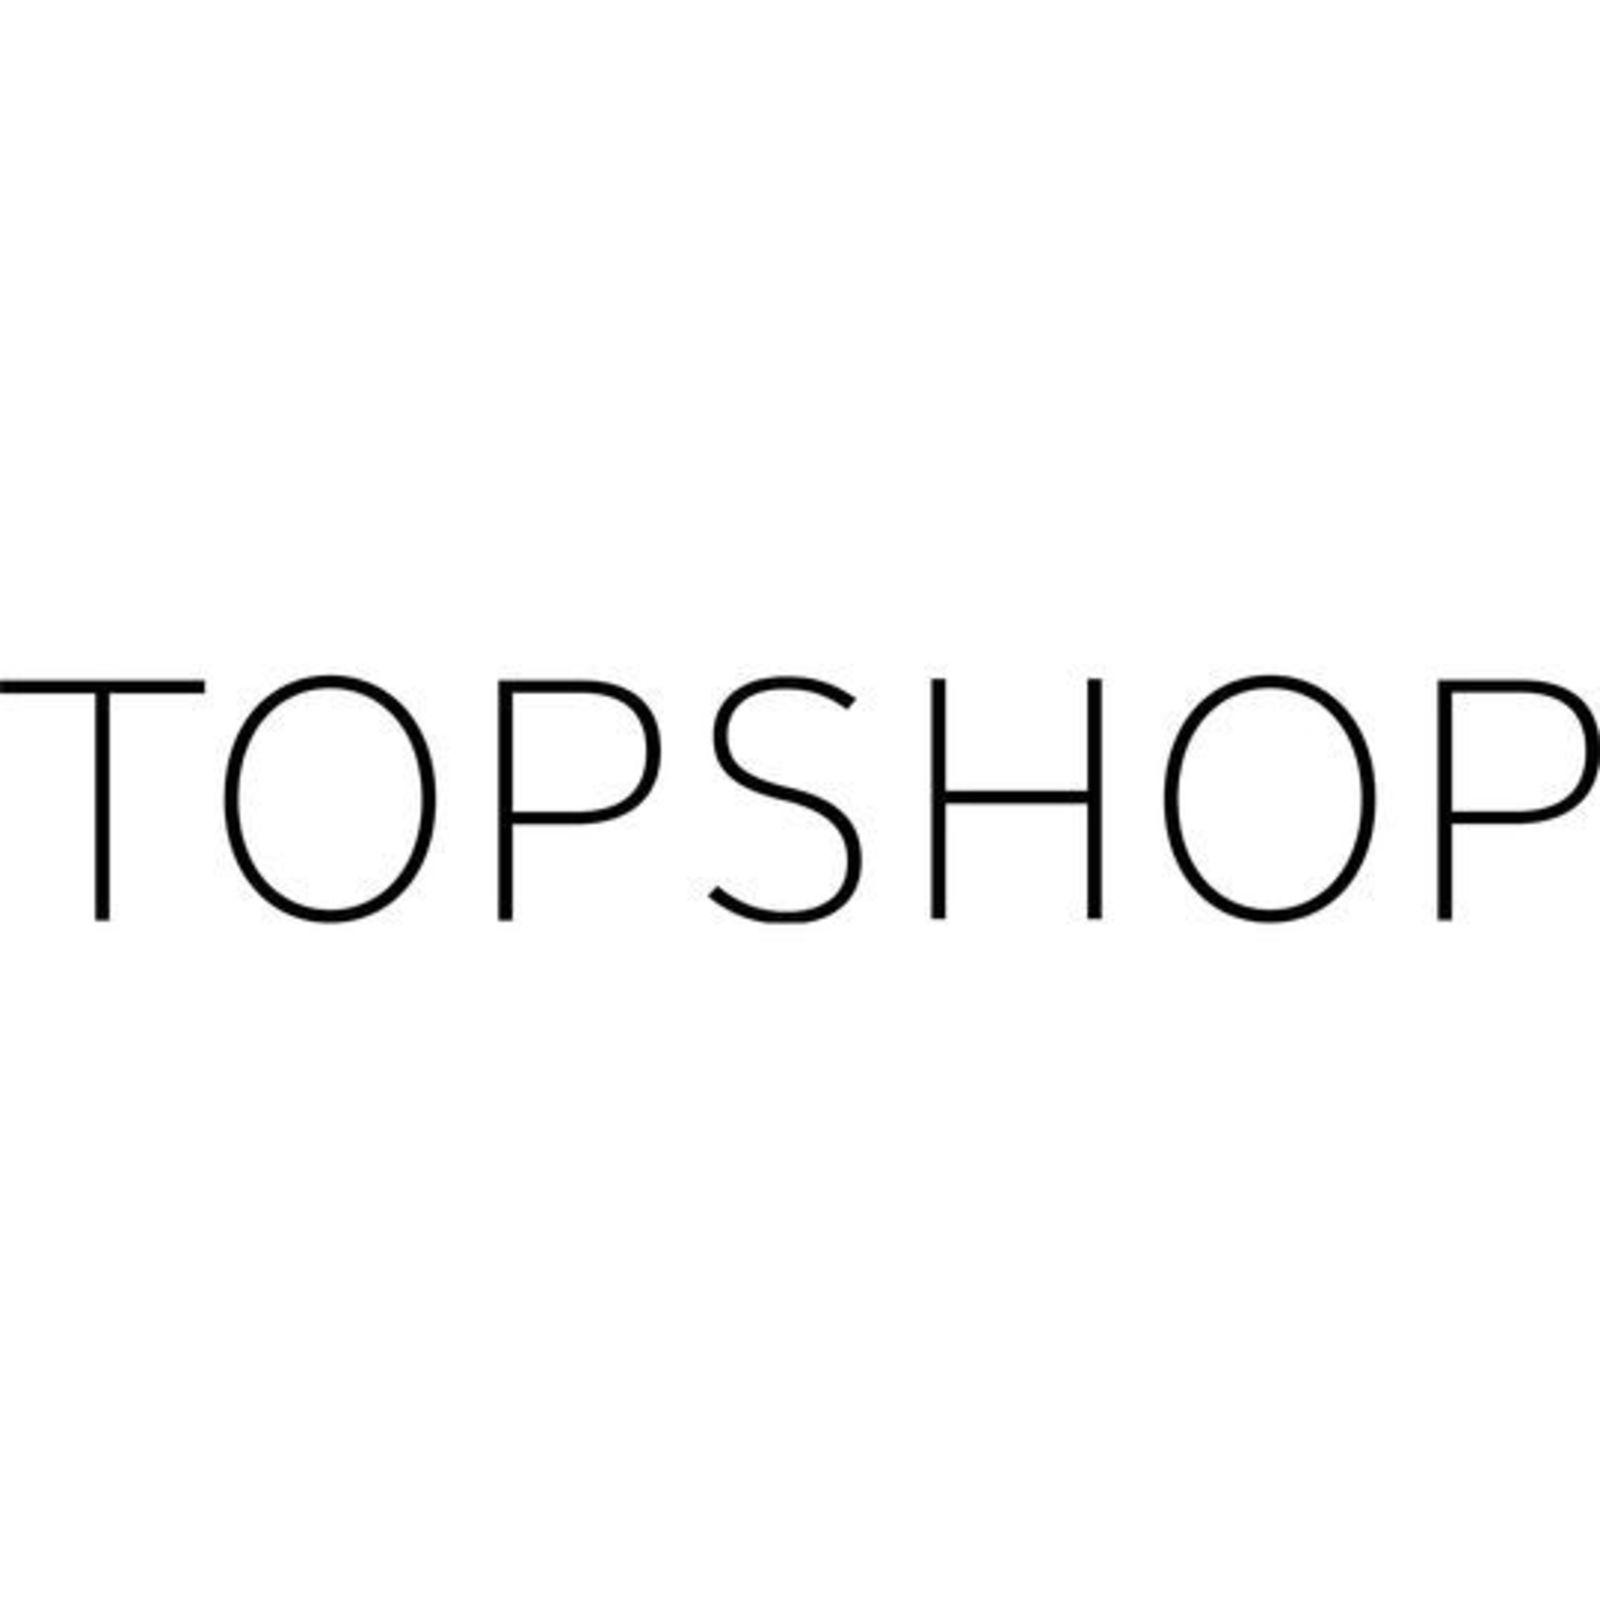 TOPSHOP (Imagen 1)